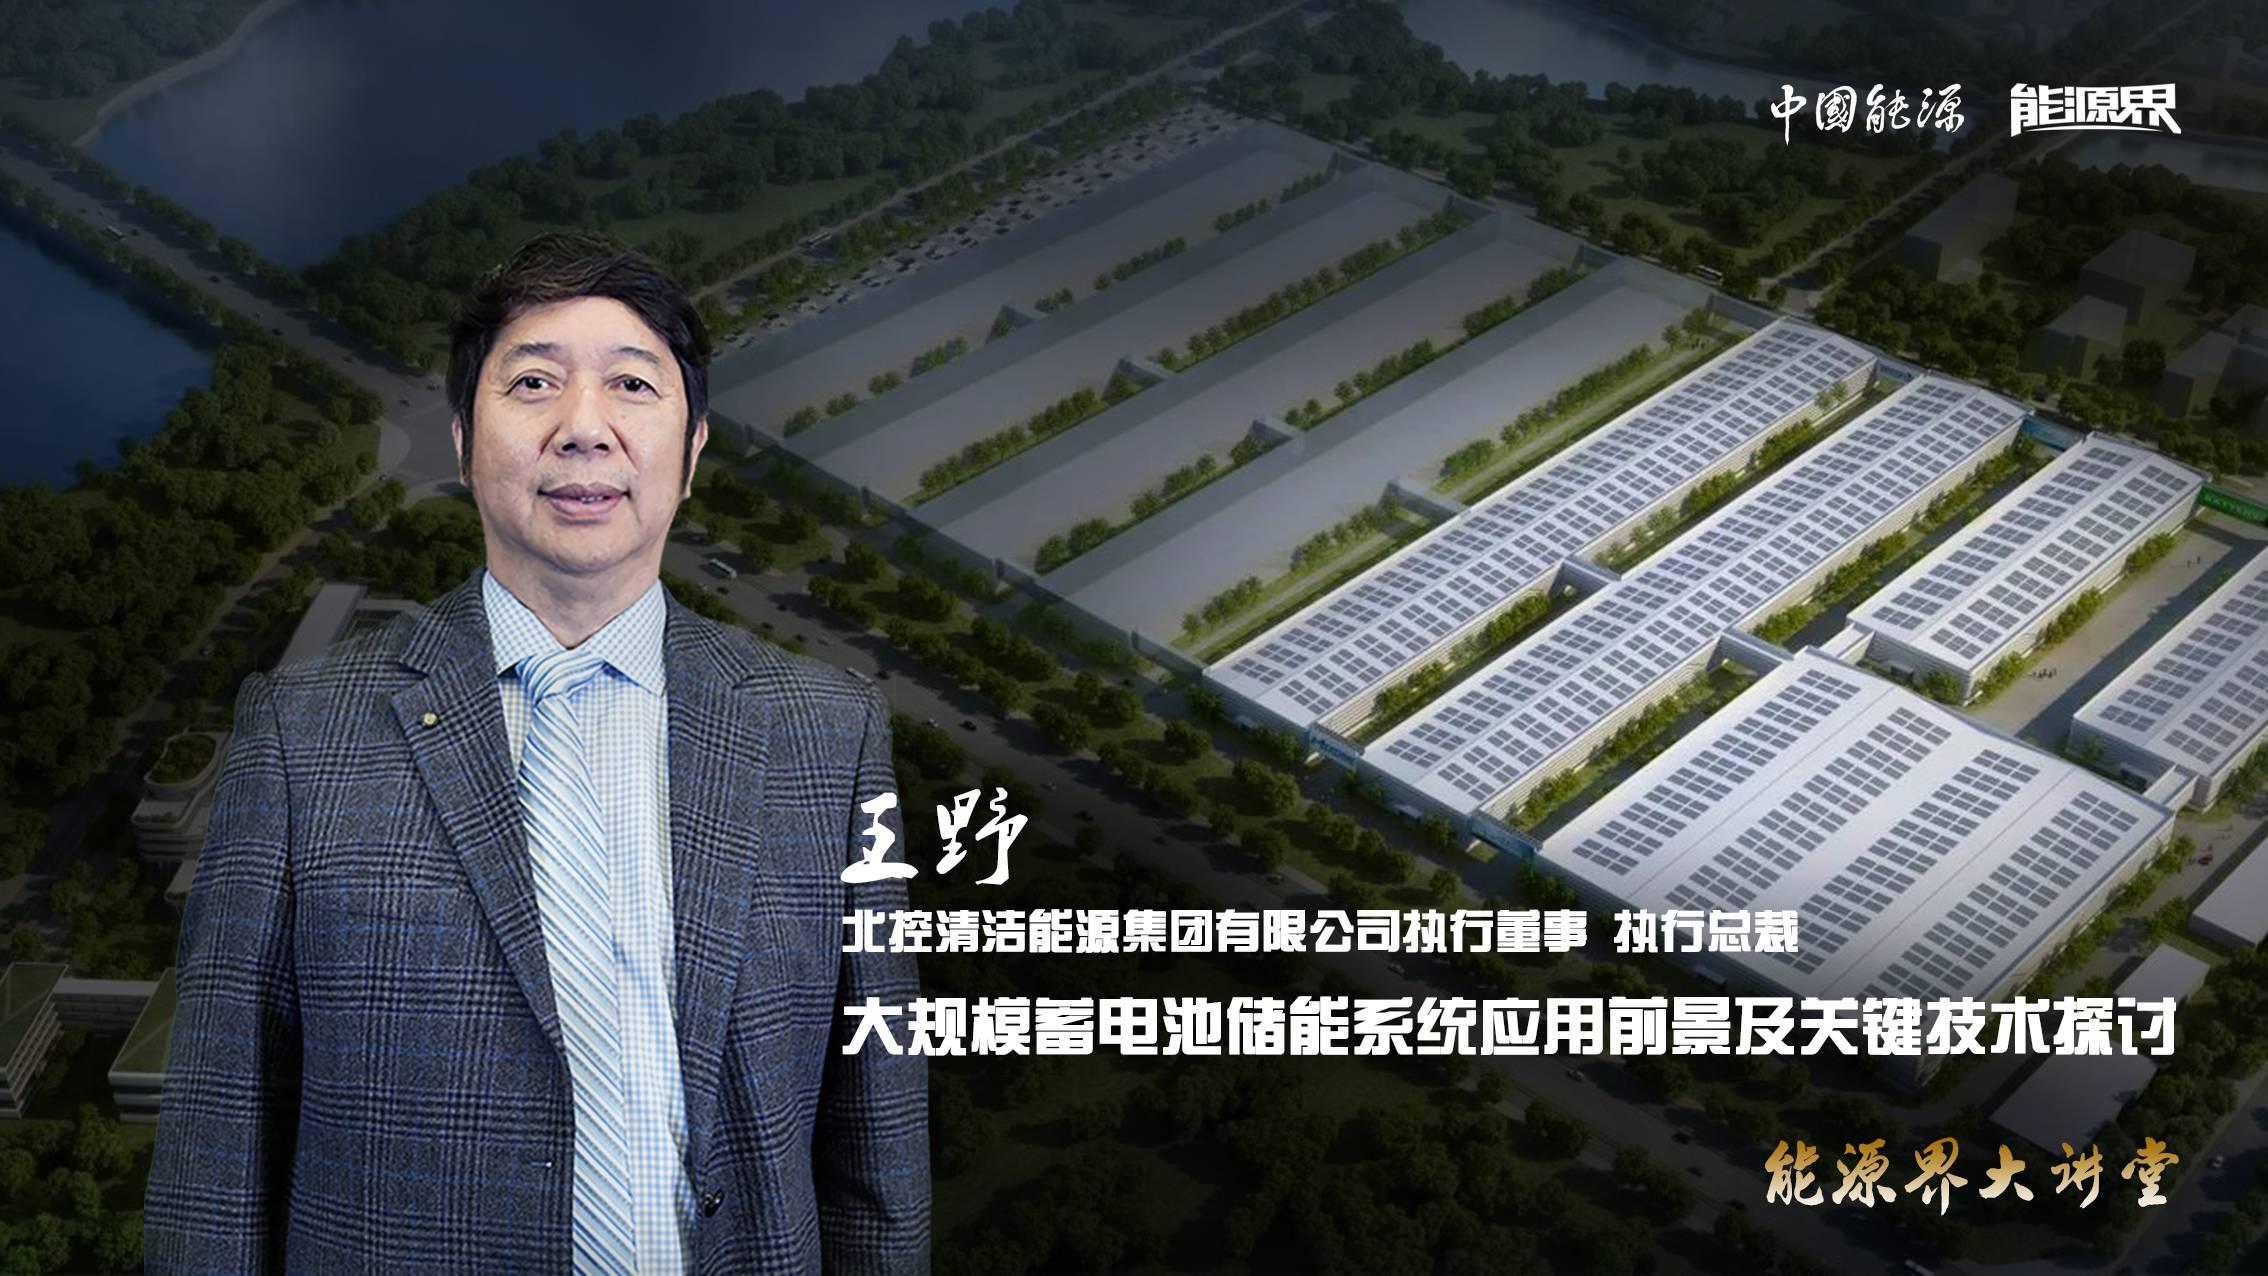 王野:大规模蓄电池新浦京系统应用前景及关键技术探讨